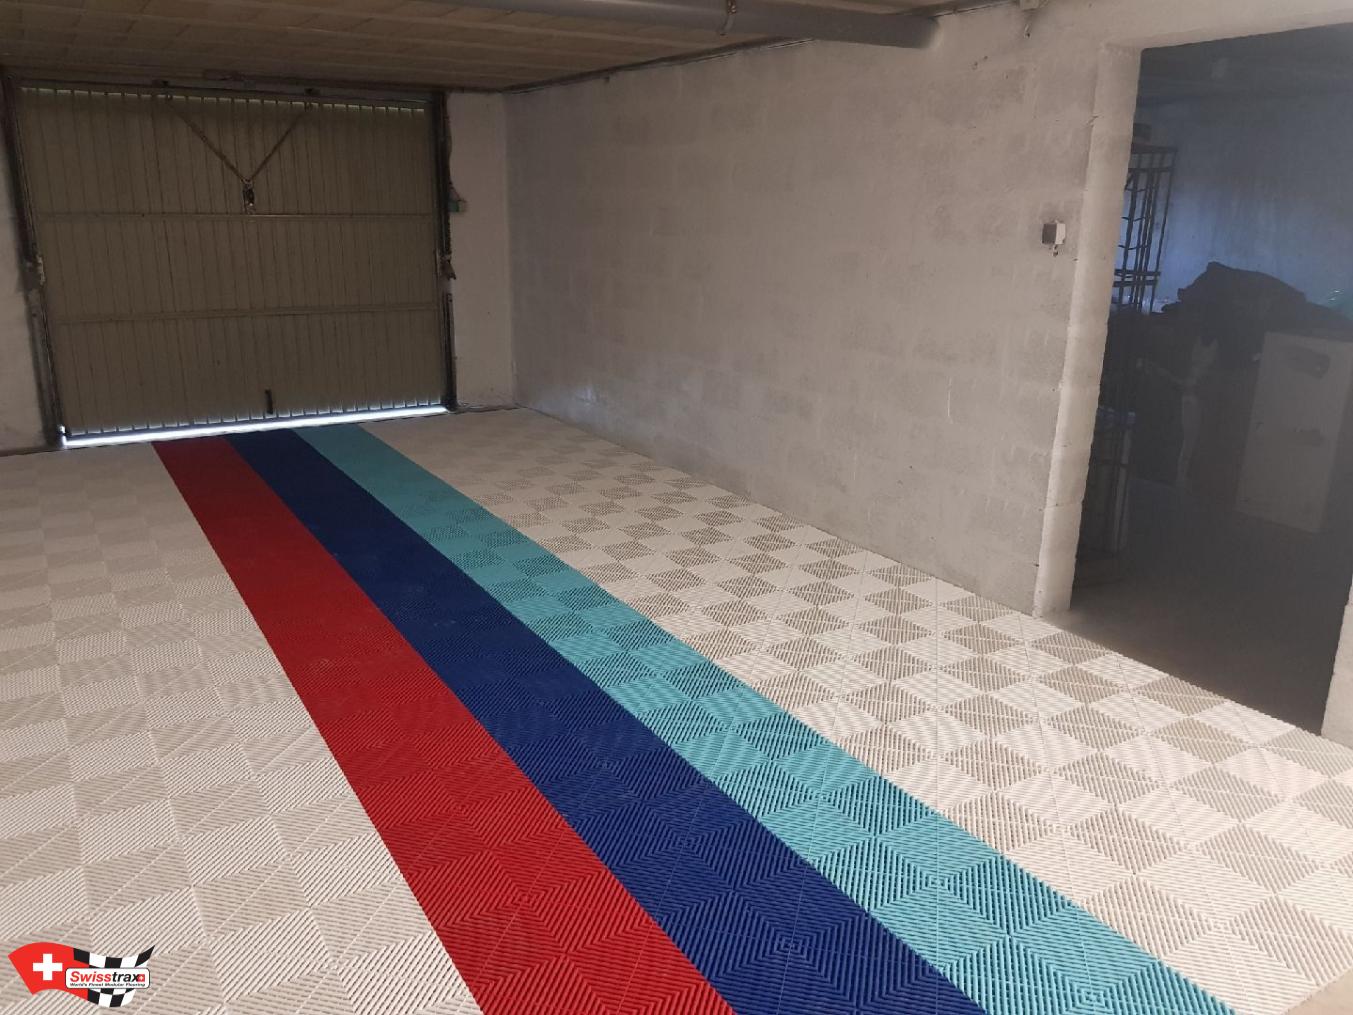 Revetement De Sol Pour Garage dalles de sol swisstrax pour votre garage . modèle ribtrax